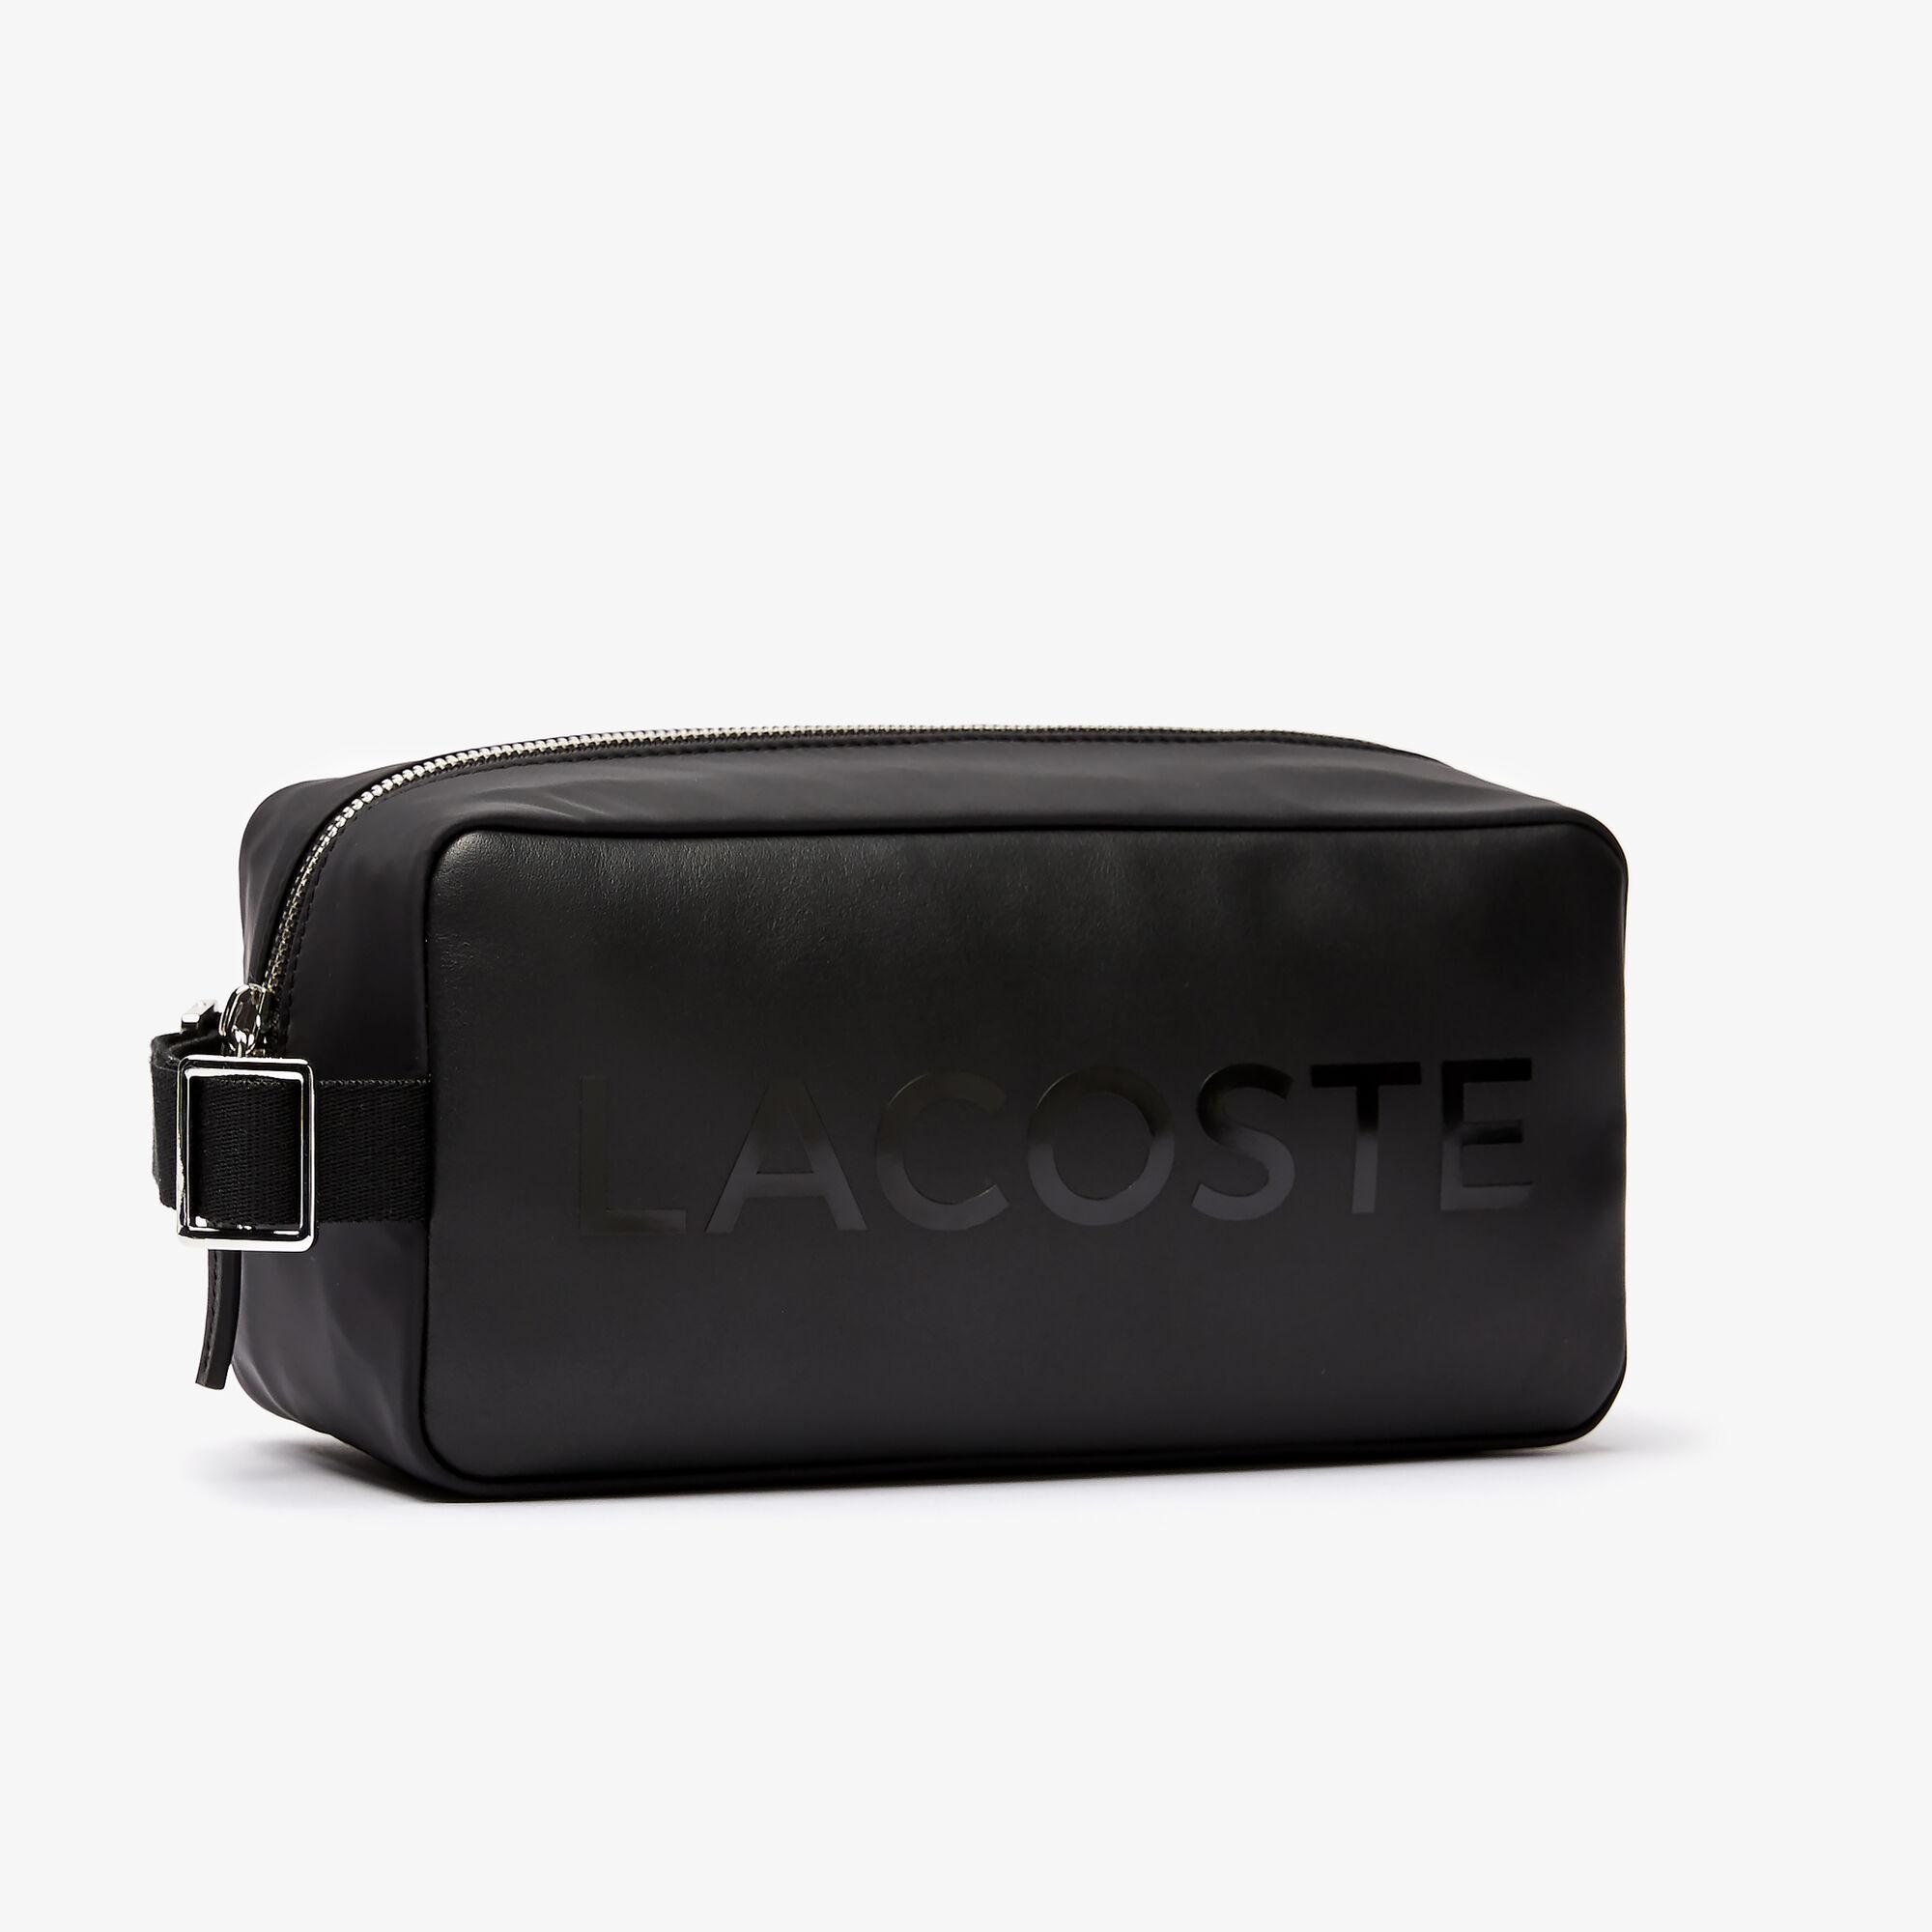 حقيبة أدوات العناية الشخصية بسحاب مميزة بشعار العلامة التجارية مجموعة L.12.12 للرجال